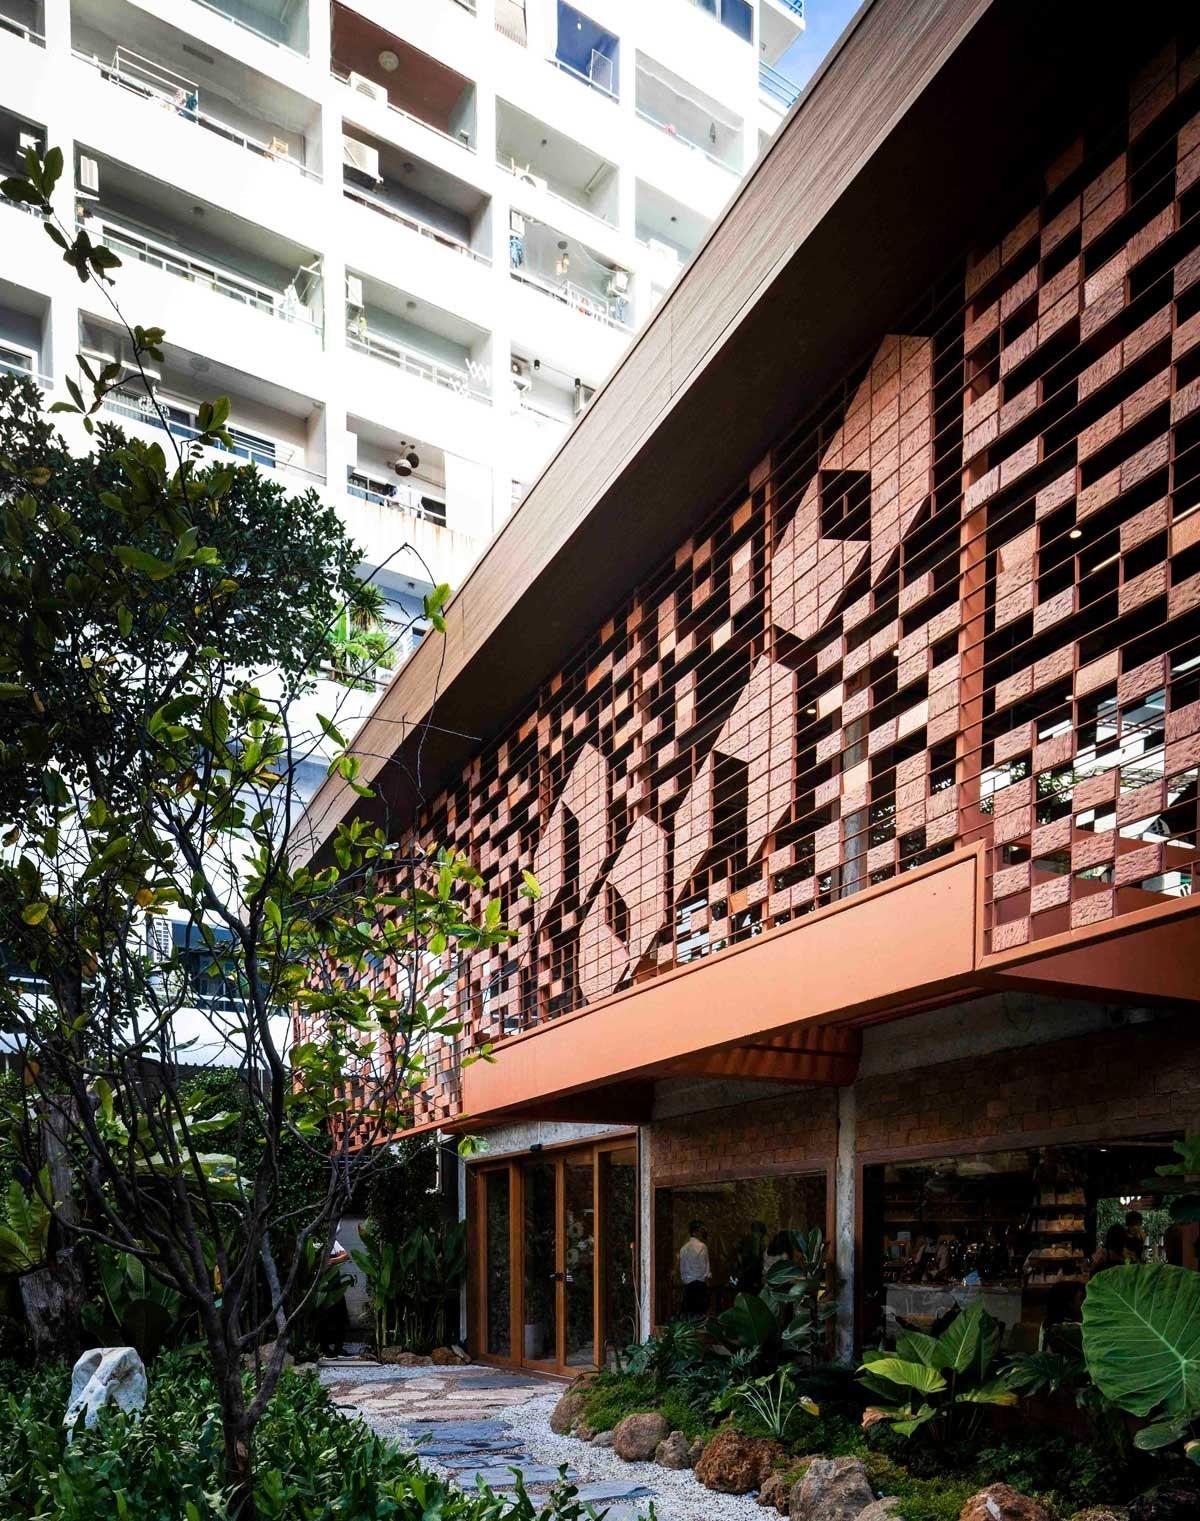 Không gian quán cafe mang đến bầu không khí ấm áp, dễ chịu nhờ vào sự thiết kế, sáng tạo tài hoa của người nghệ sĩ.